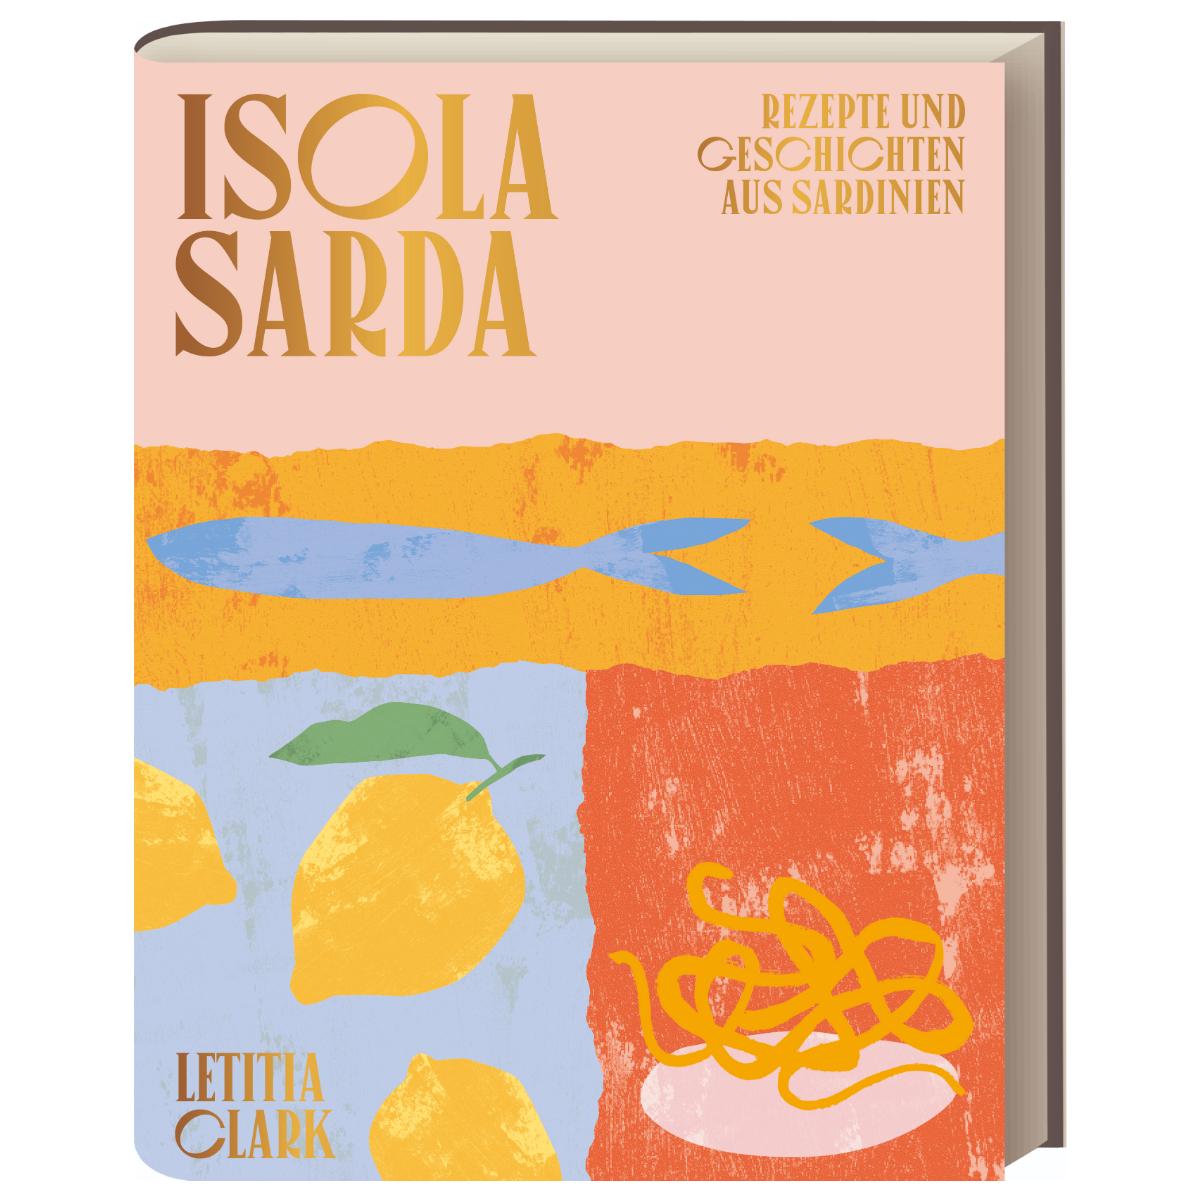 Isola Sarda _ Kochbuch (1)